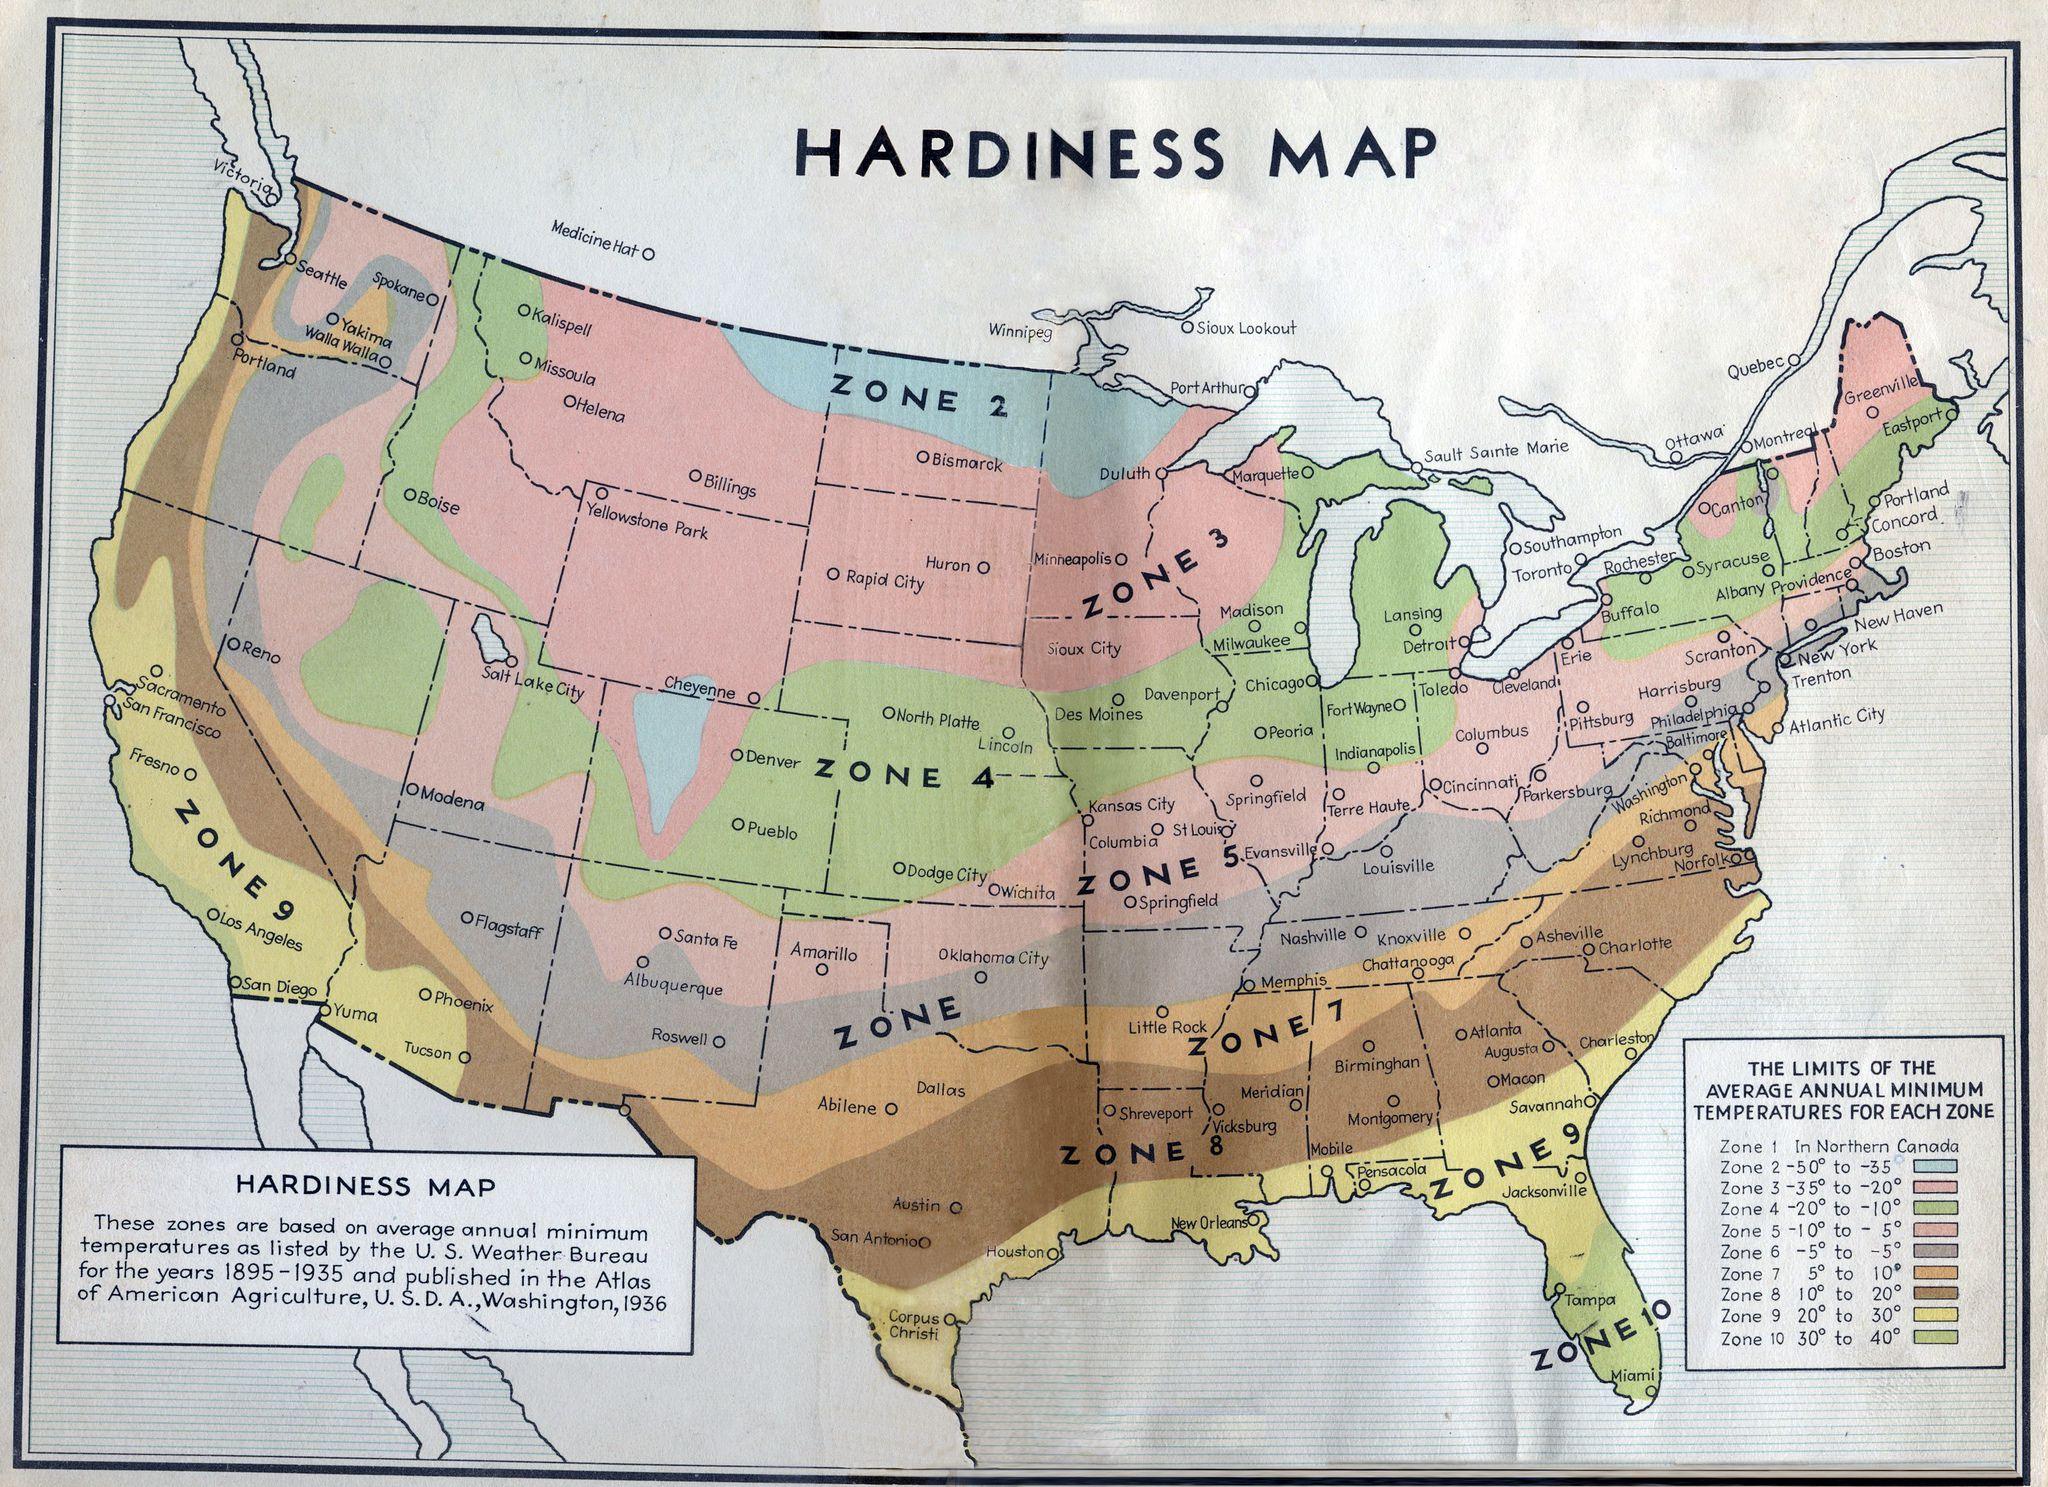 Planting Zones and USDA Plant Hardiness Maps Explained